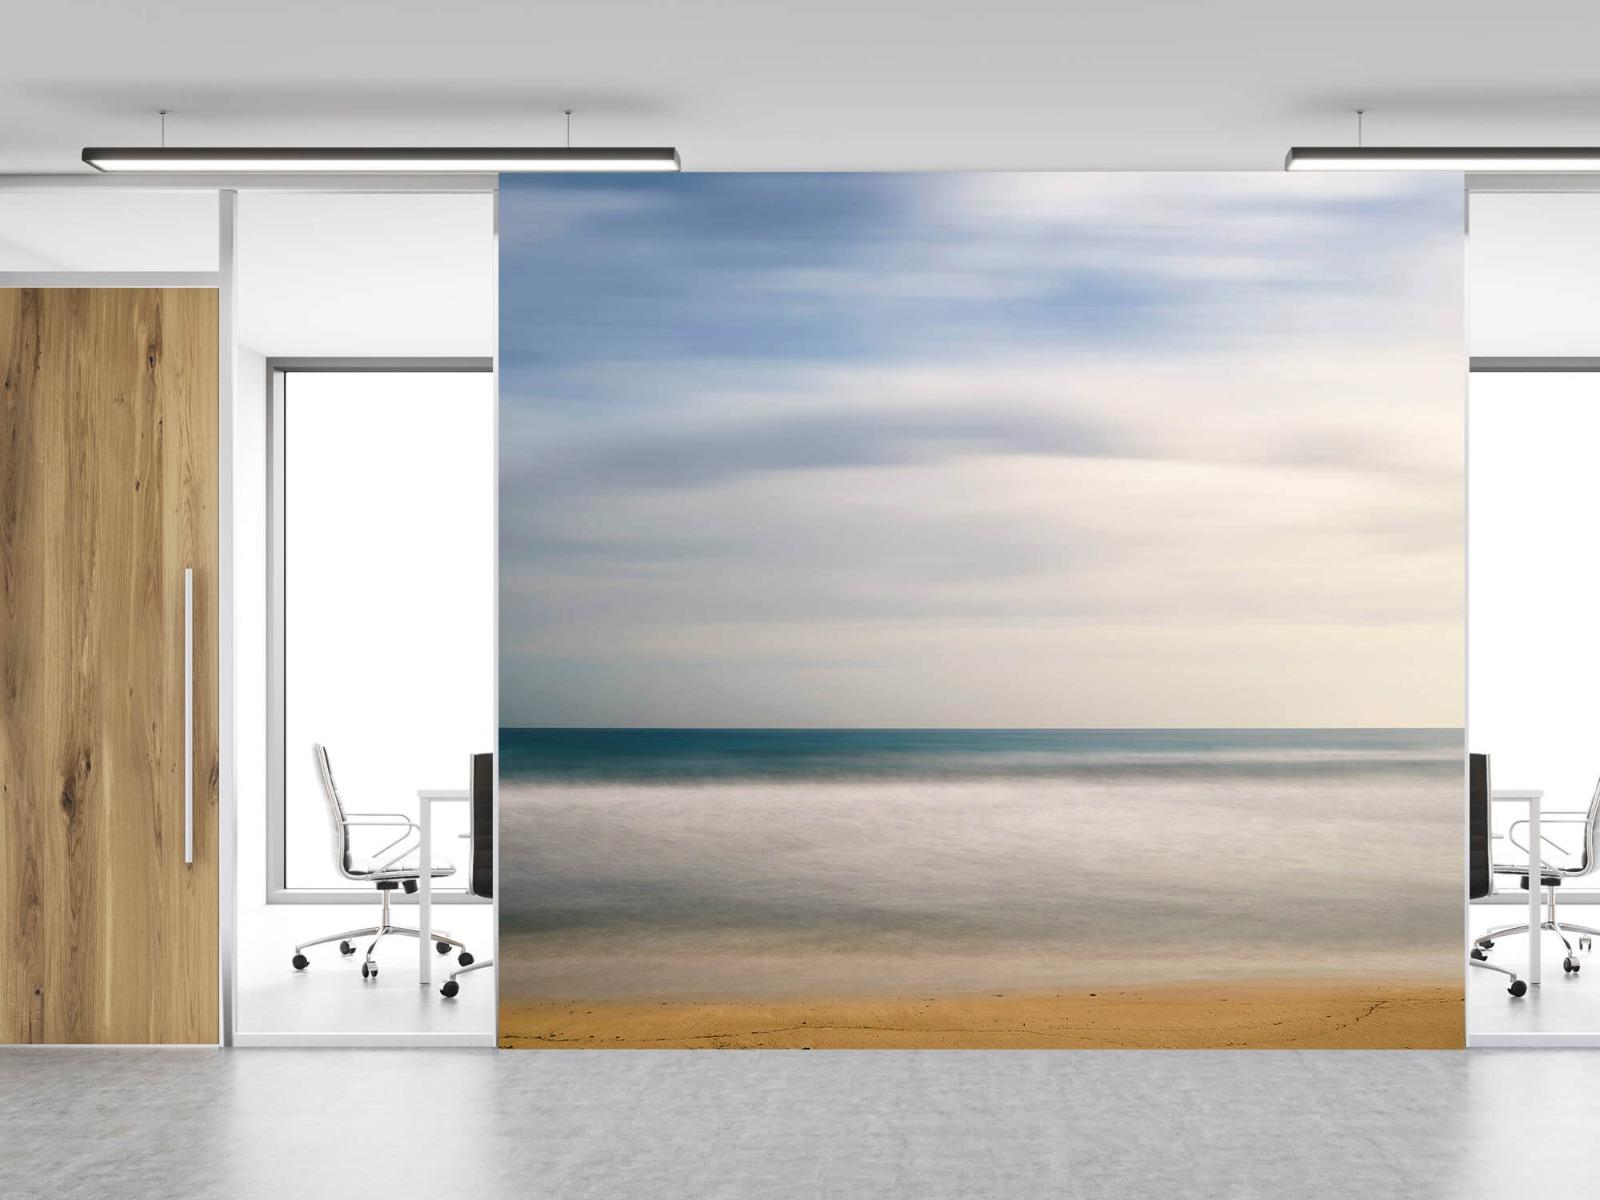 Zeeën en Oceanen - Open zee - Slaapkamer 12